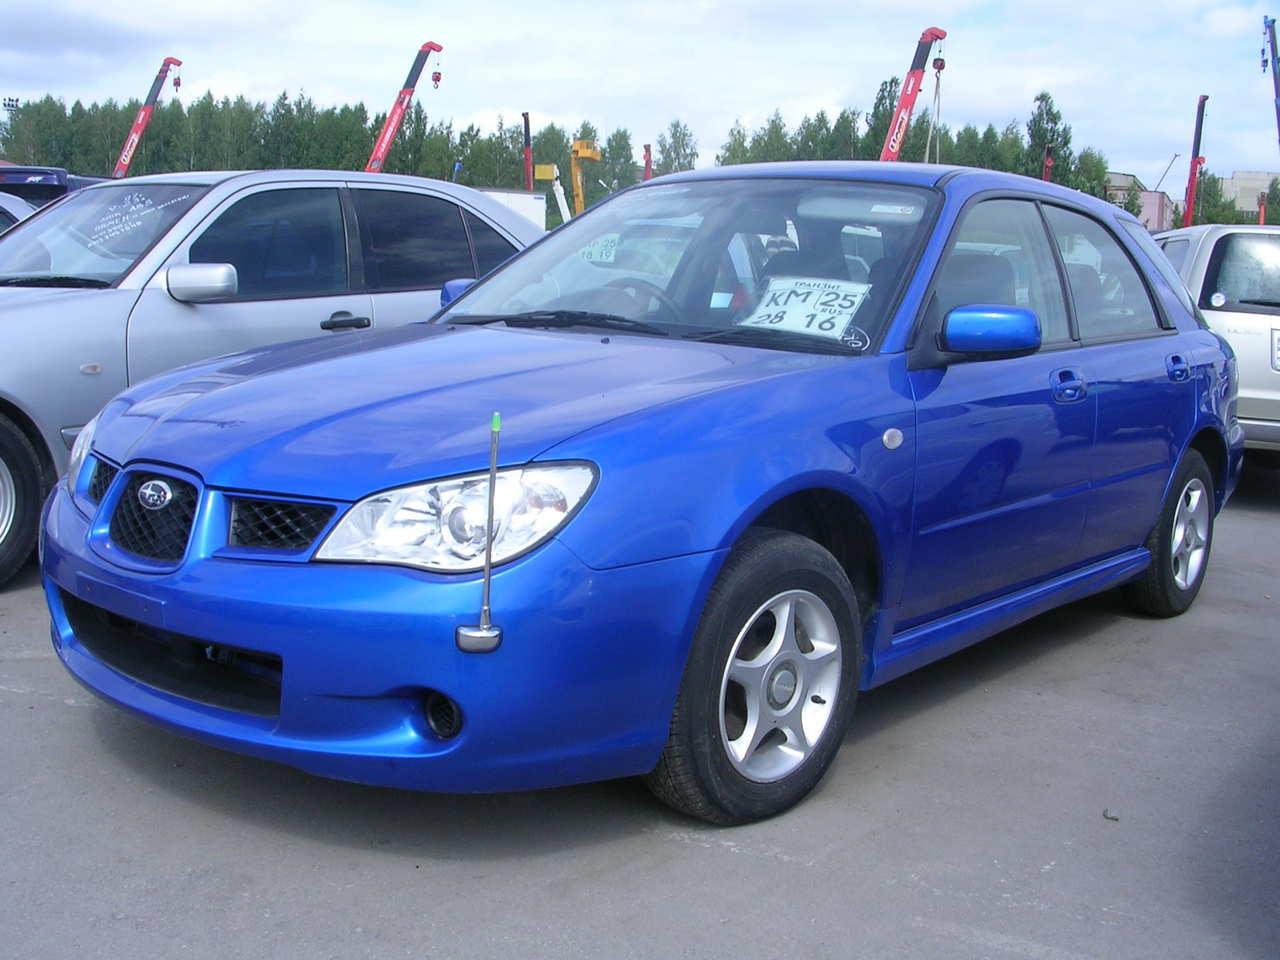 2006 Subaru Impreza Pictures 1 5l Gasoline Automatic